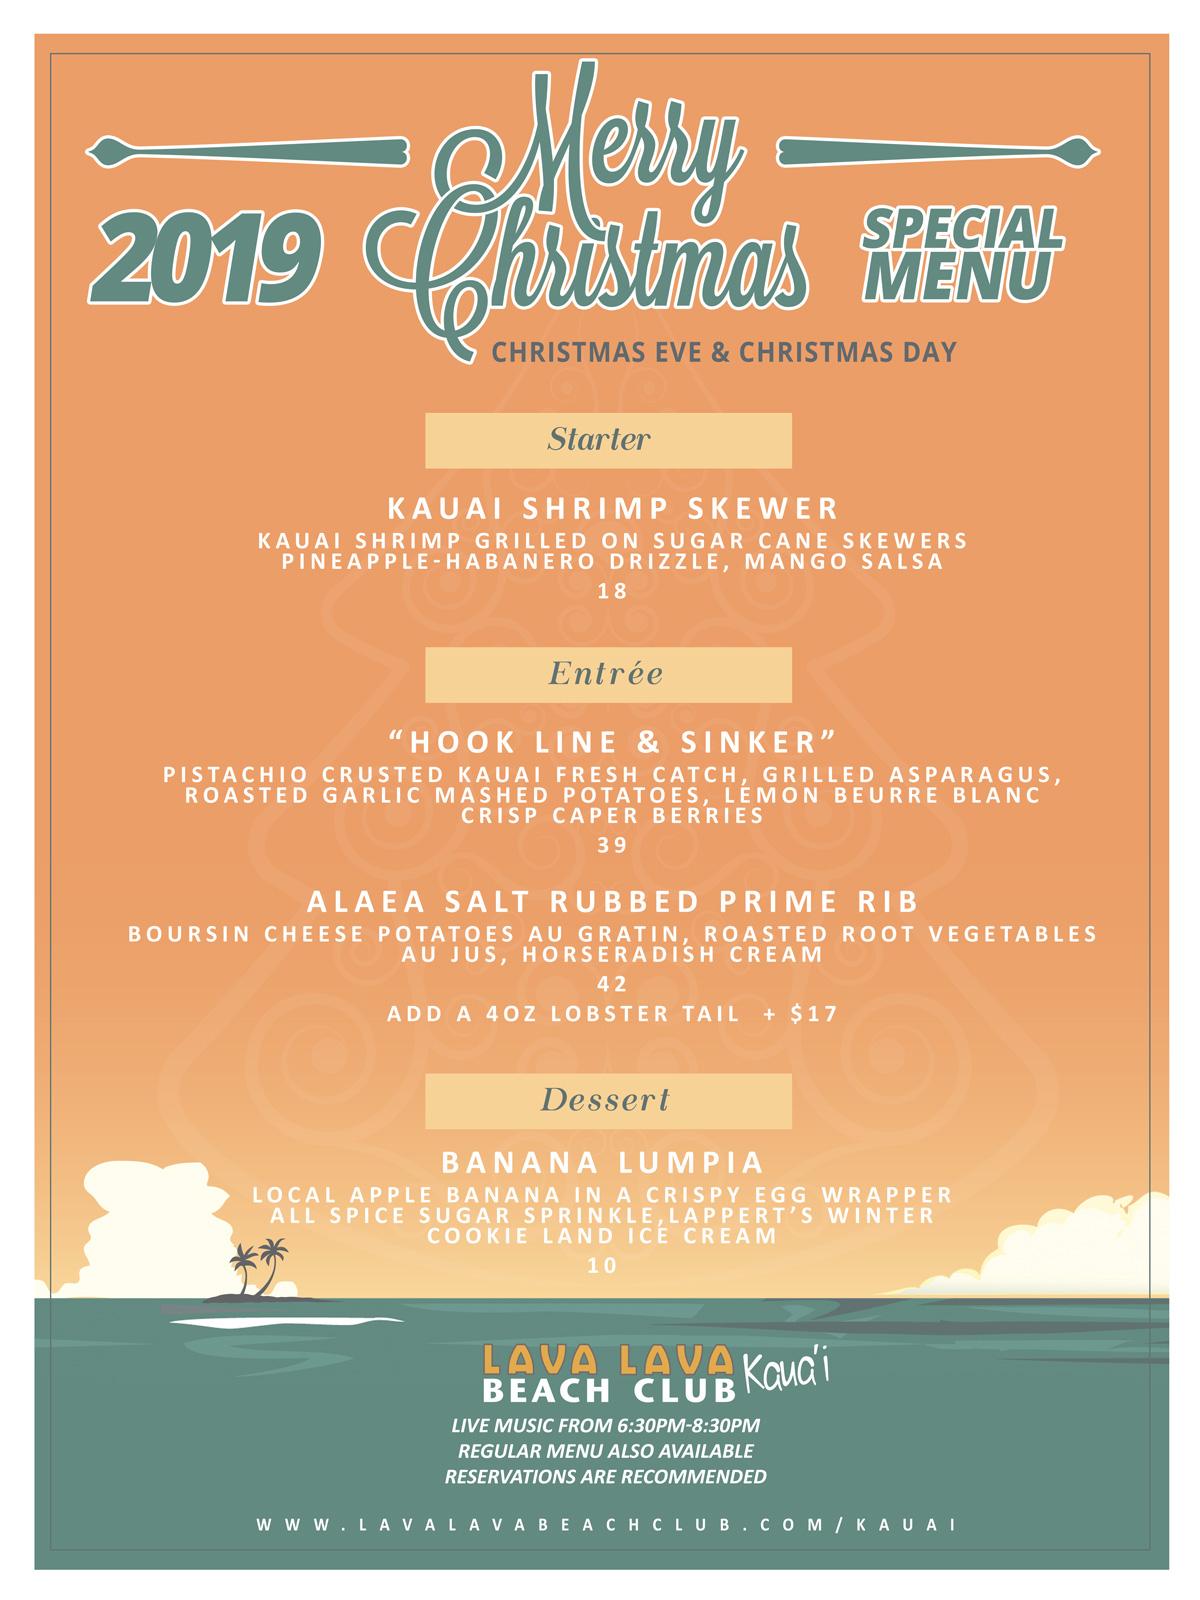 Christmas-2019-LLBC-Kauai-v2